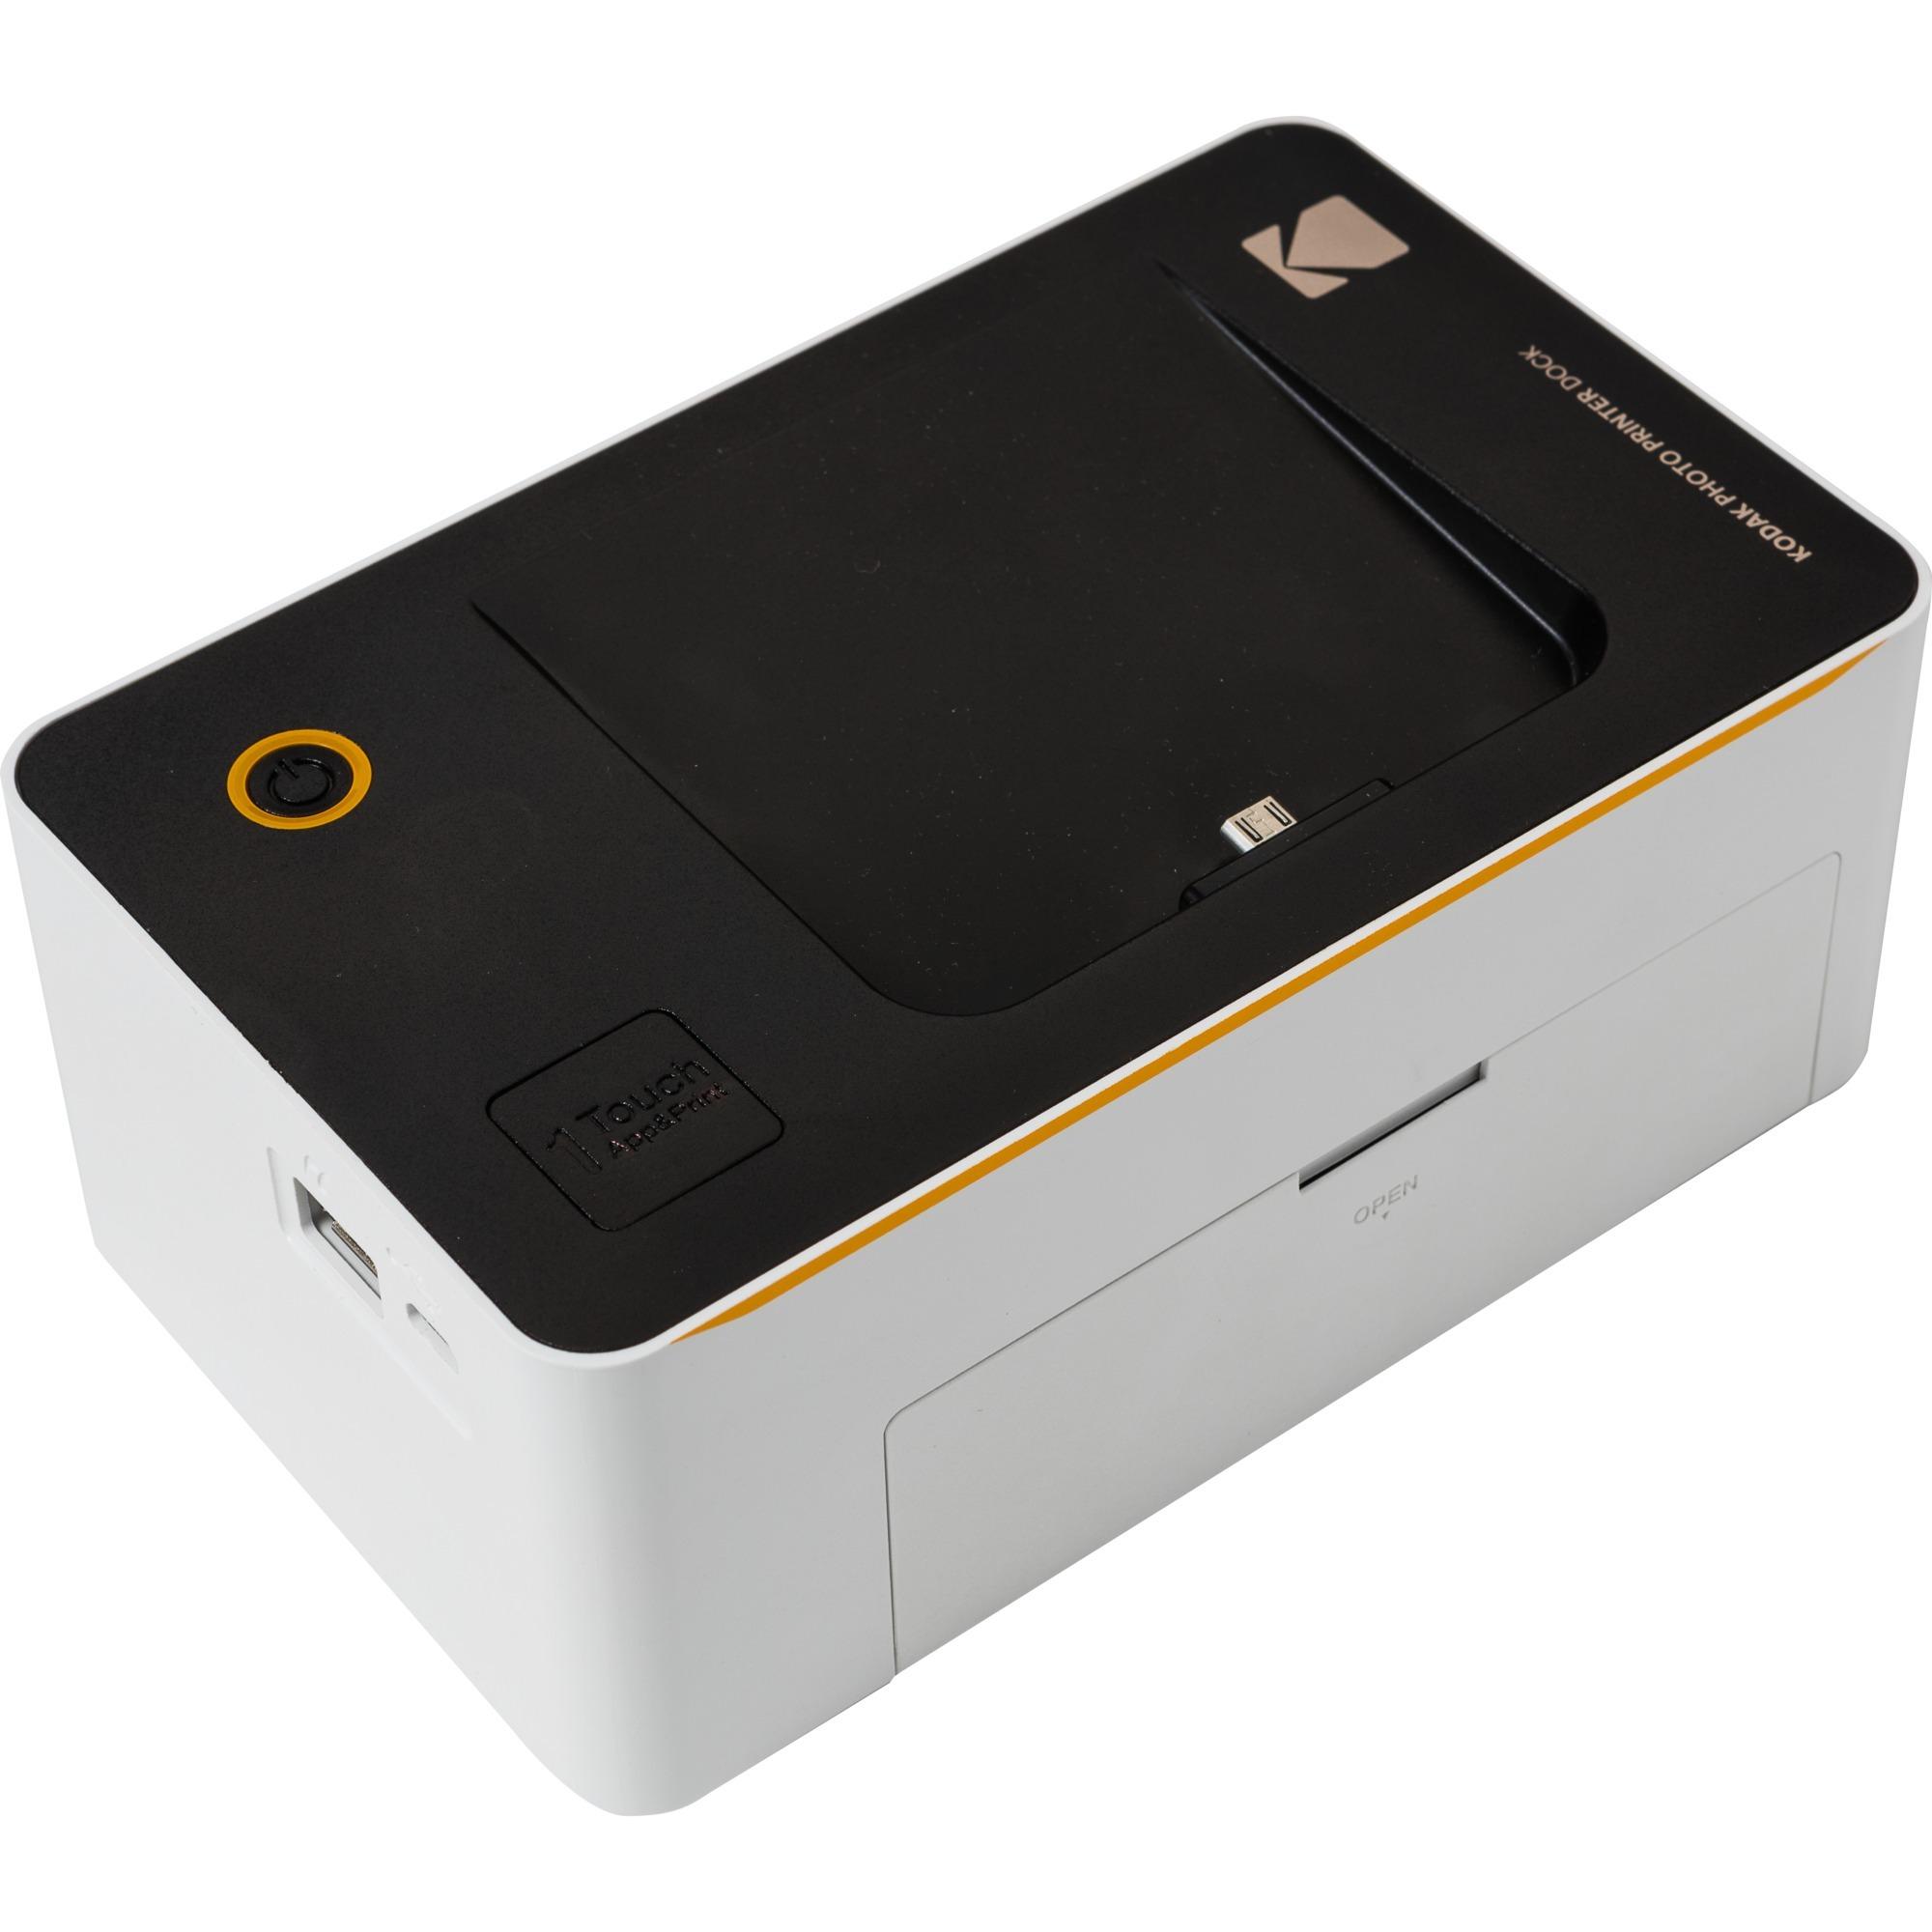 PD-450WE Wifi impresora de foto, Impresora de fotos